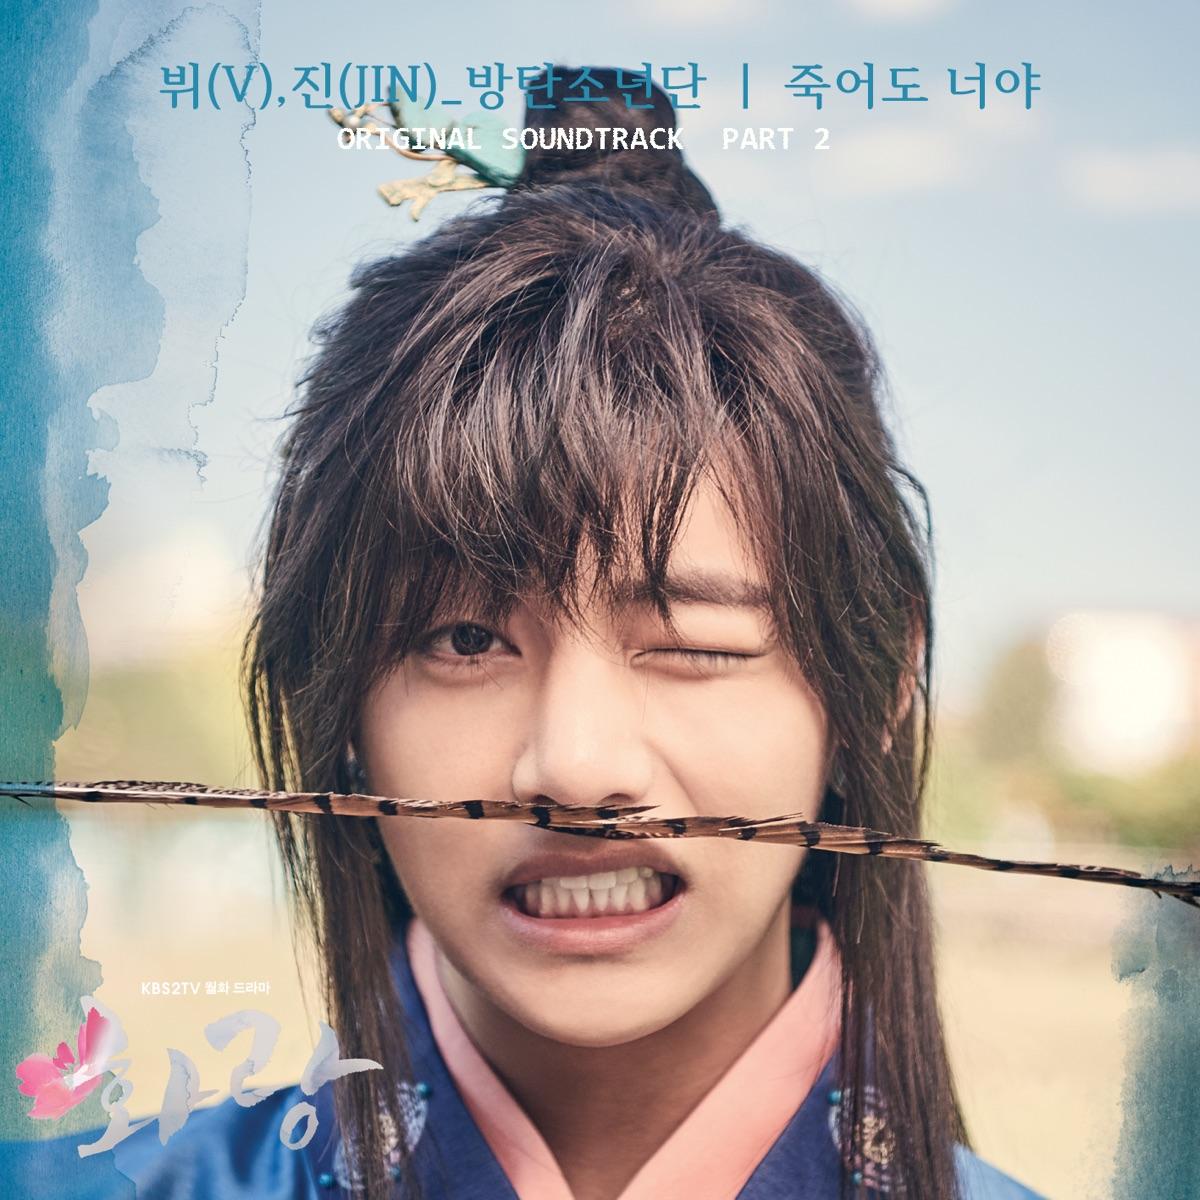 화랑 Pt 2 Music from the Original TV Series - Single V  JIN CD cover